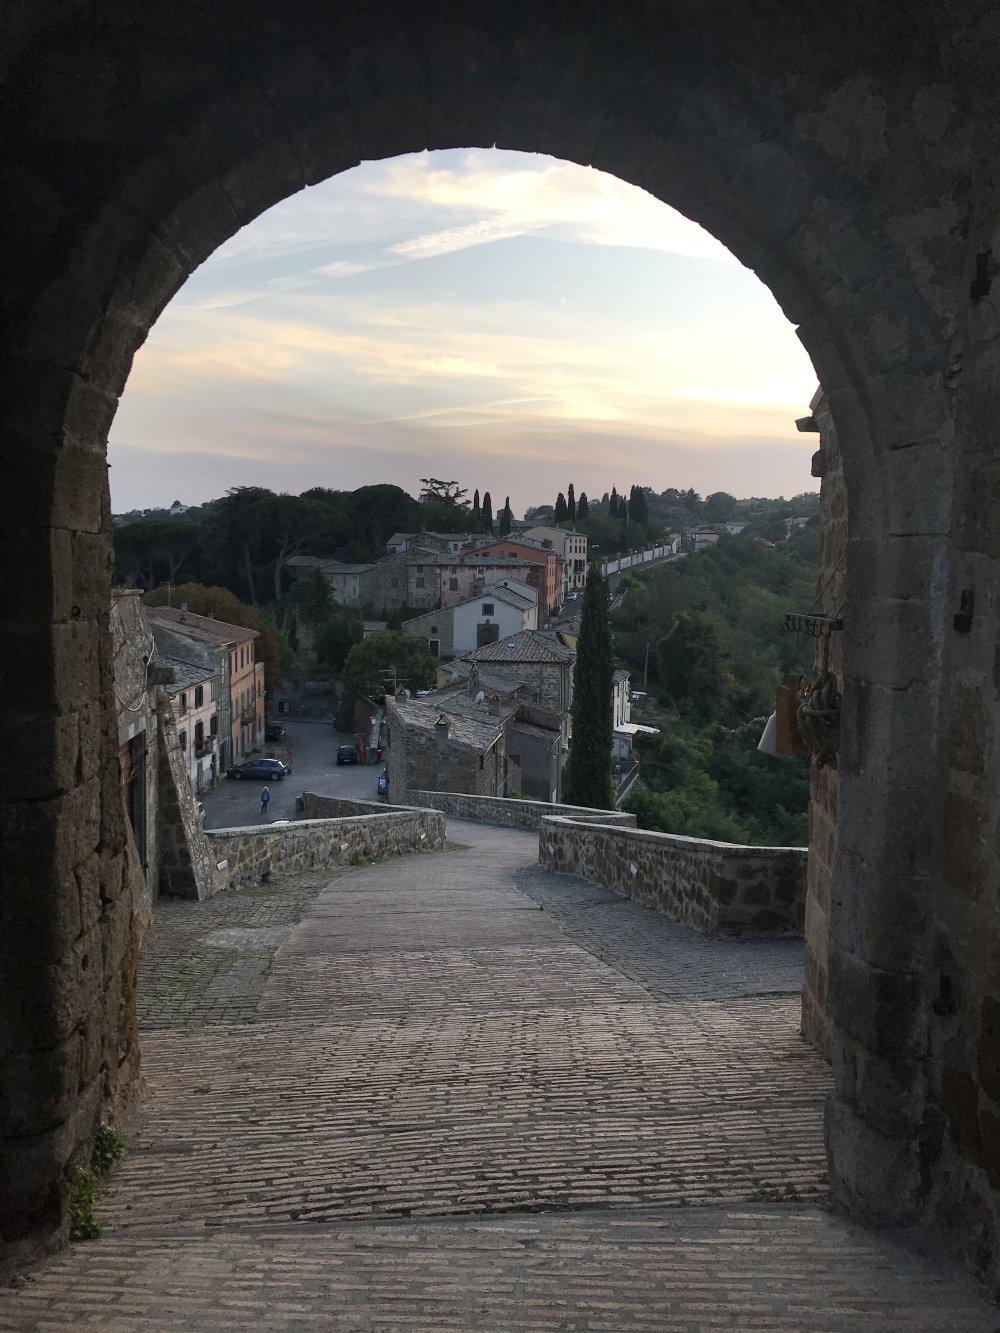 Cidade fantasma italiana lança tours guiados on-line enquanto o país está se preparando para abrir fronteiras